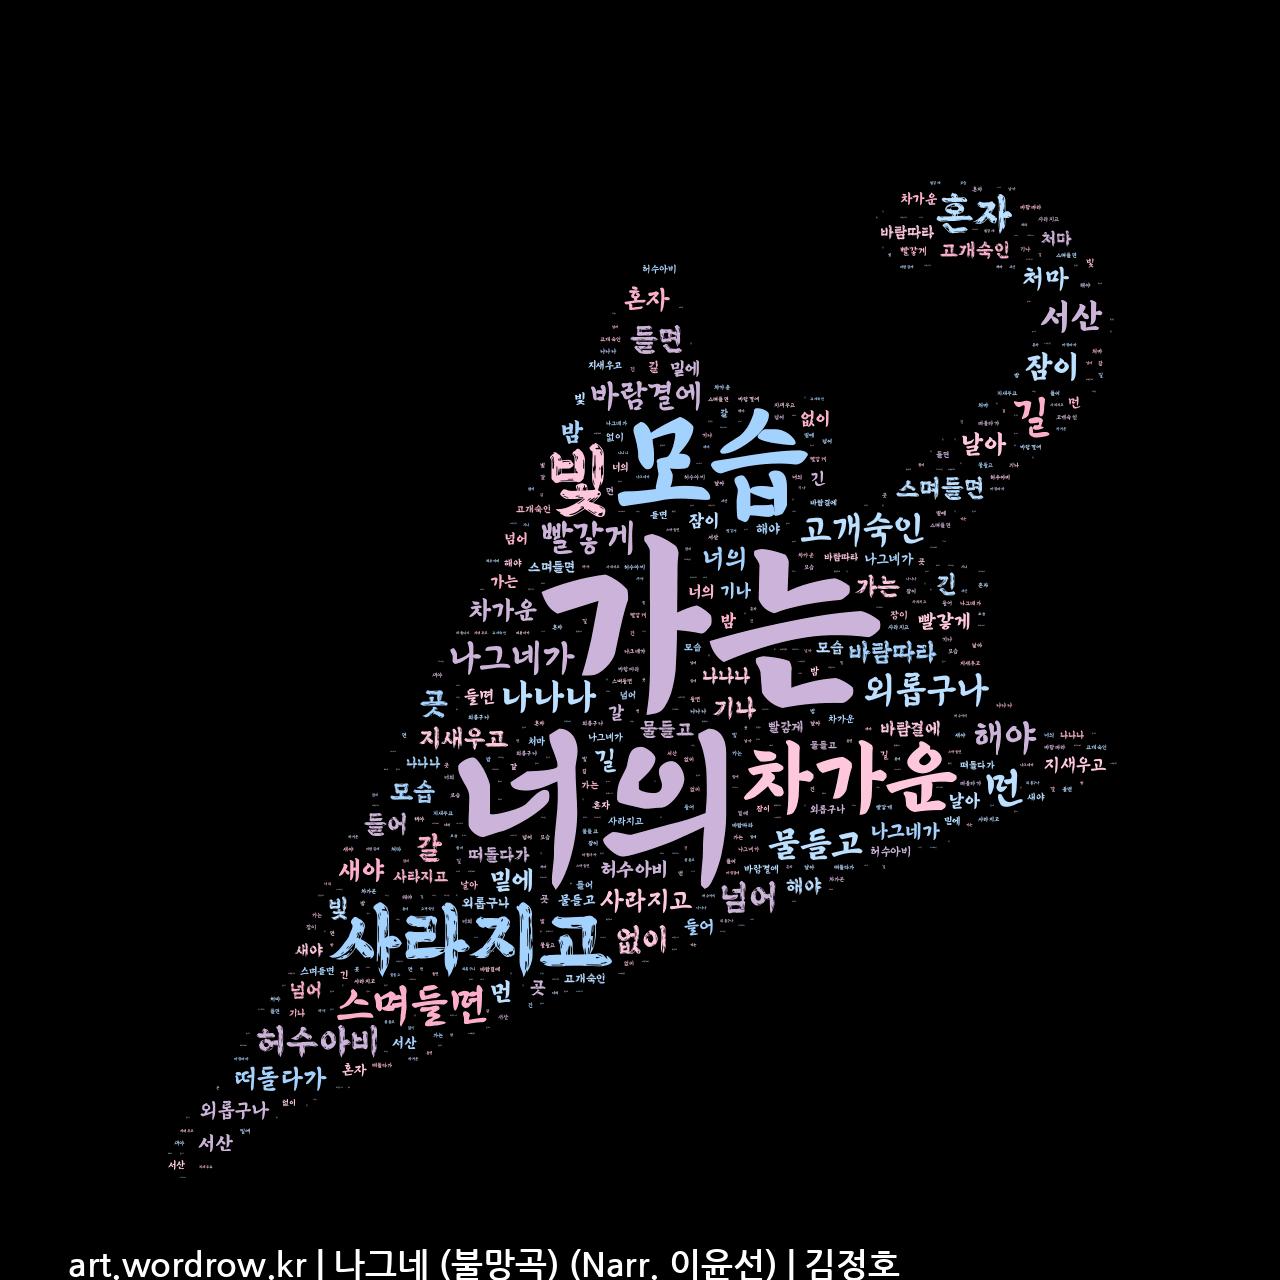 워드 클라우드: 나그네 (불망곡) (Narr. 이윤선) [김정호]-25